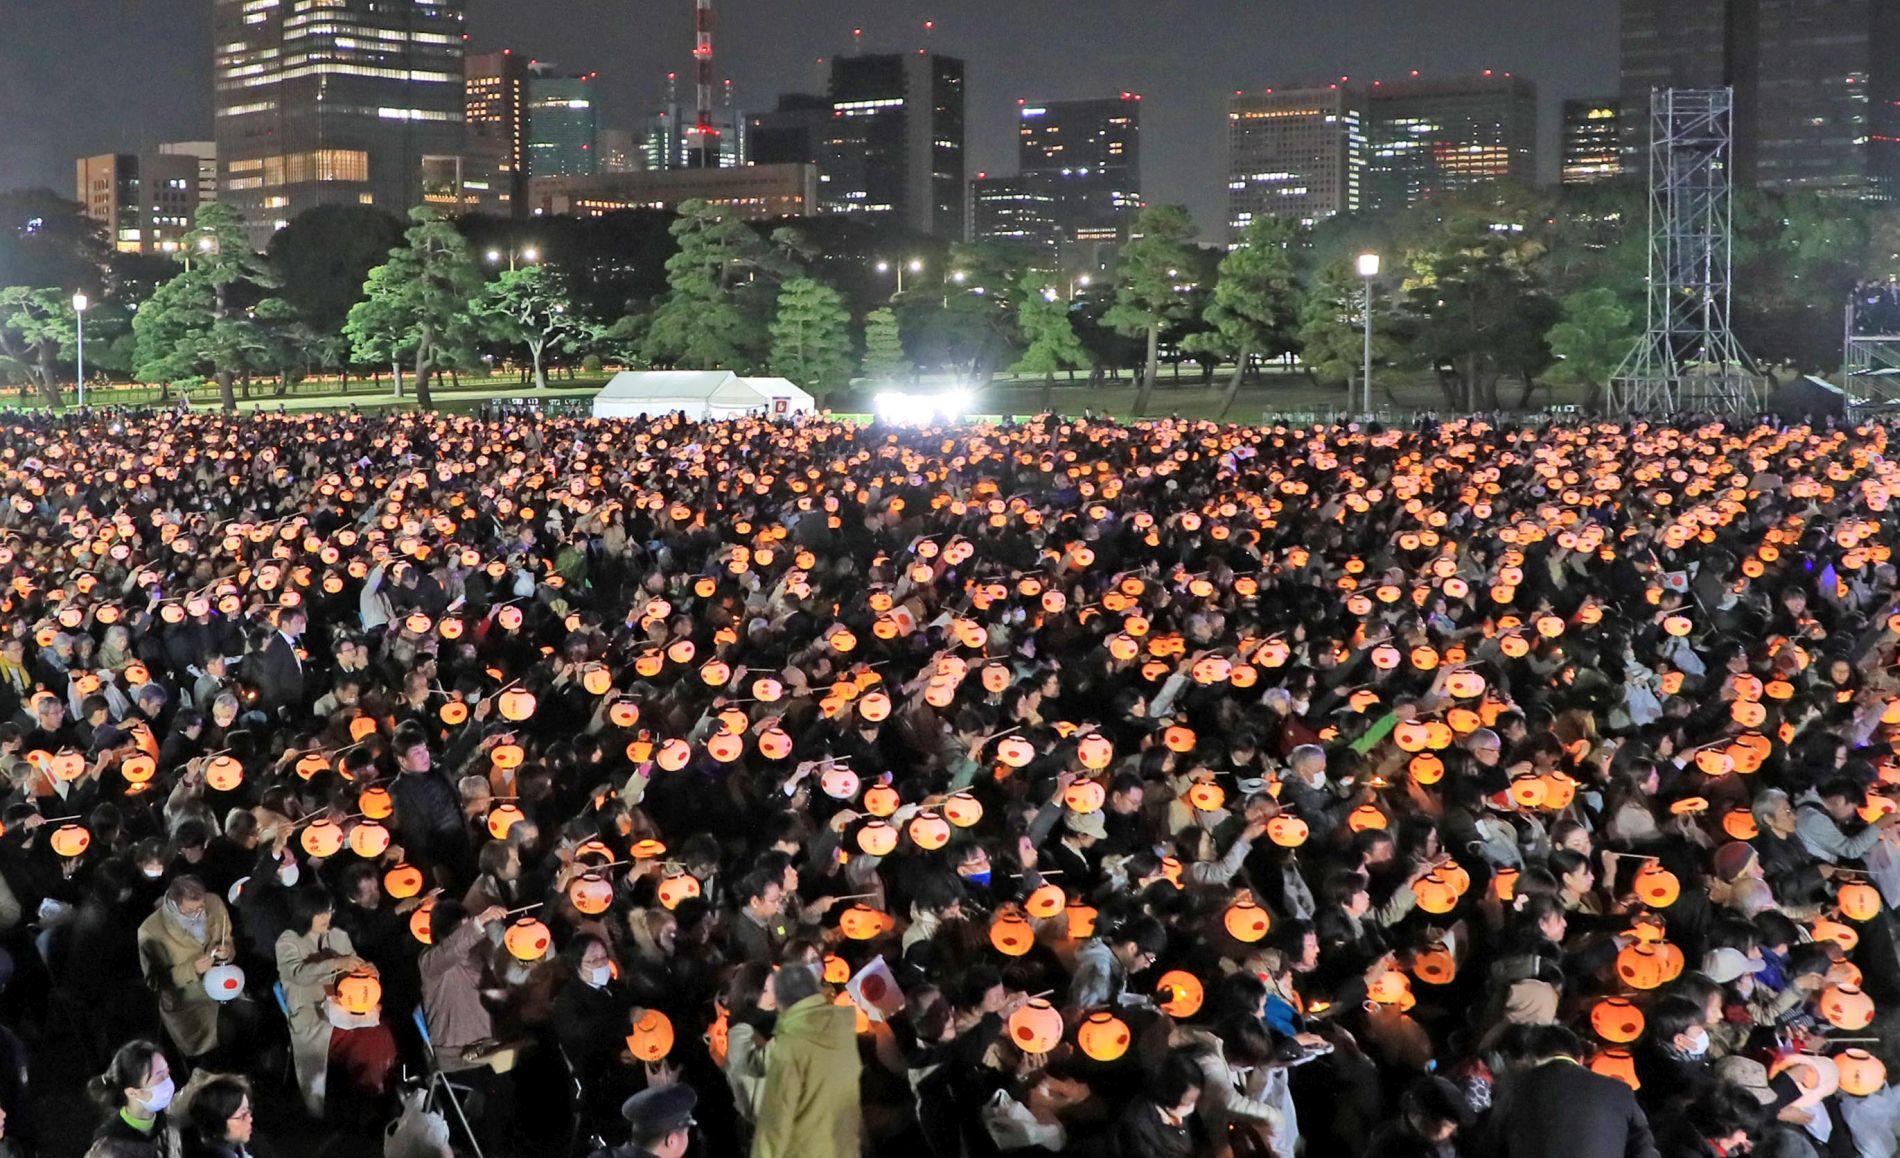 Japan National Celebration Festival of Emperor Enthronement 026